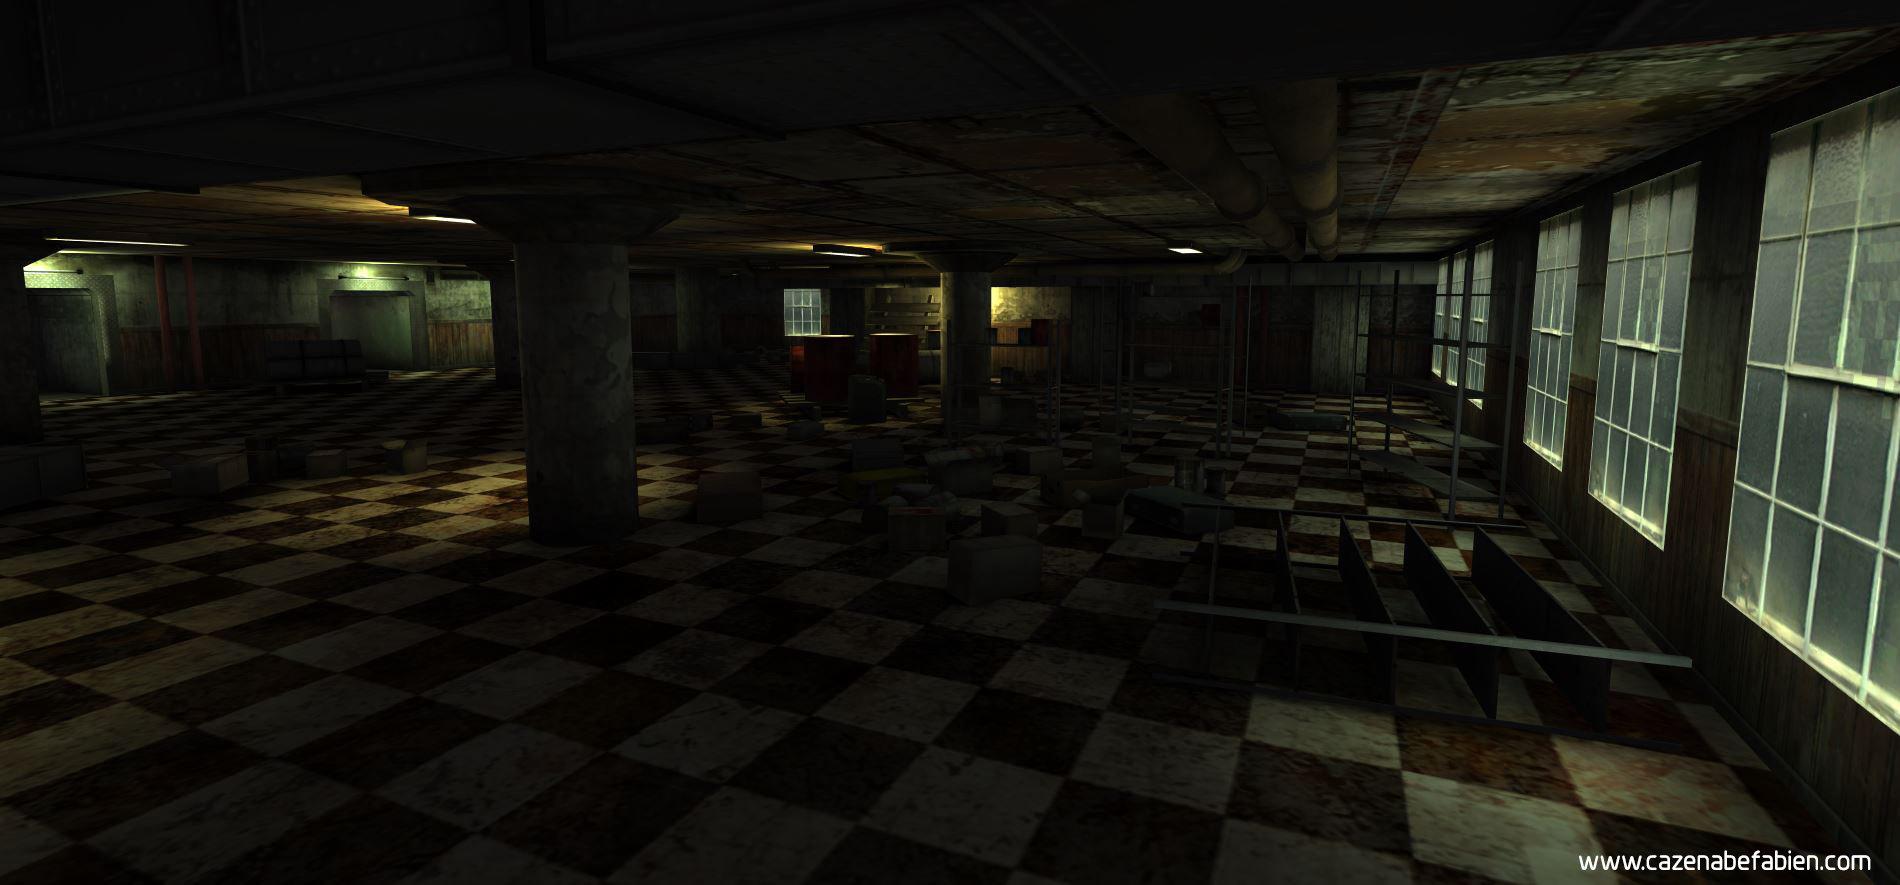 Fabien cazenabe warehouse 10